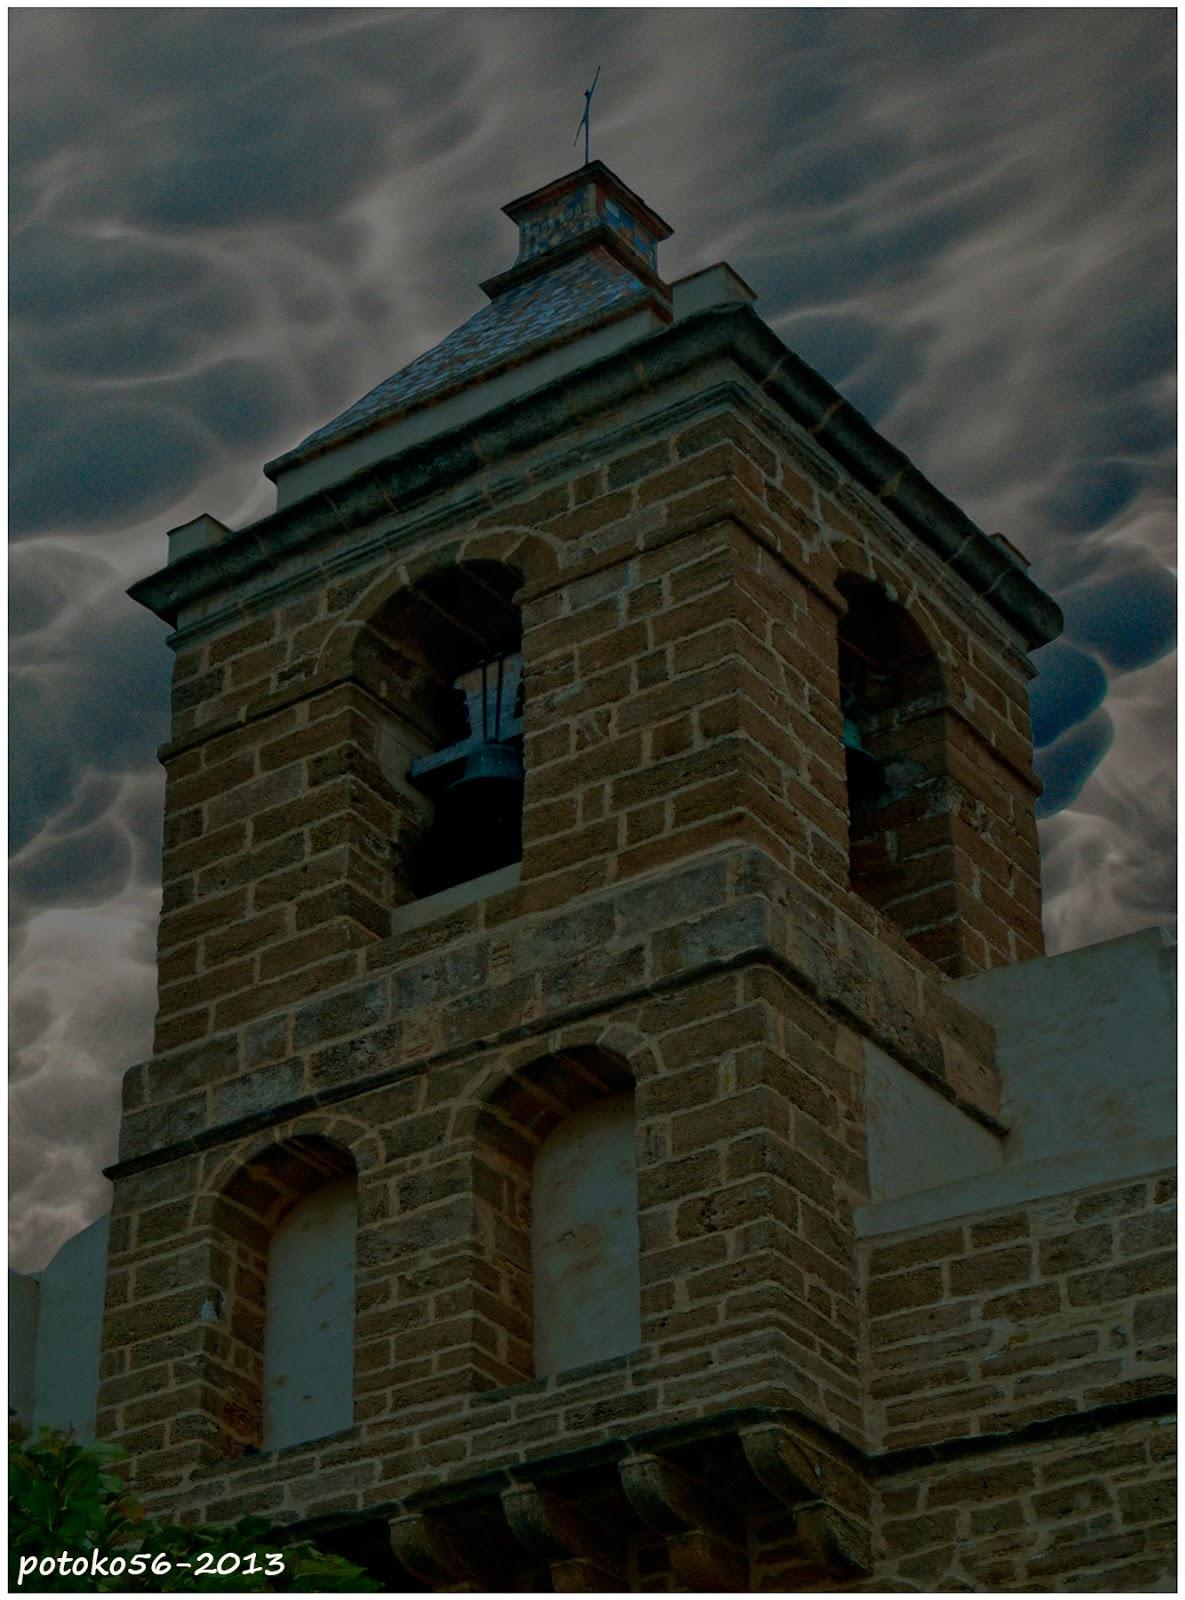 Torre campanario con nubes Mammatus Rota